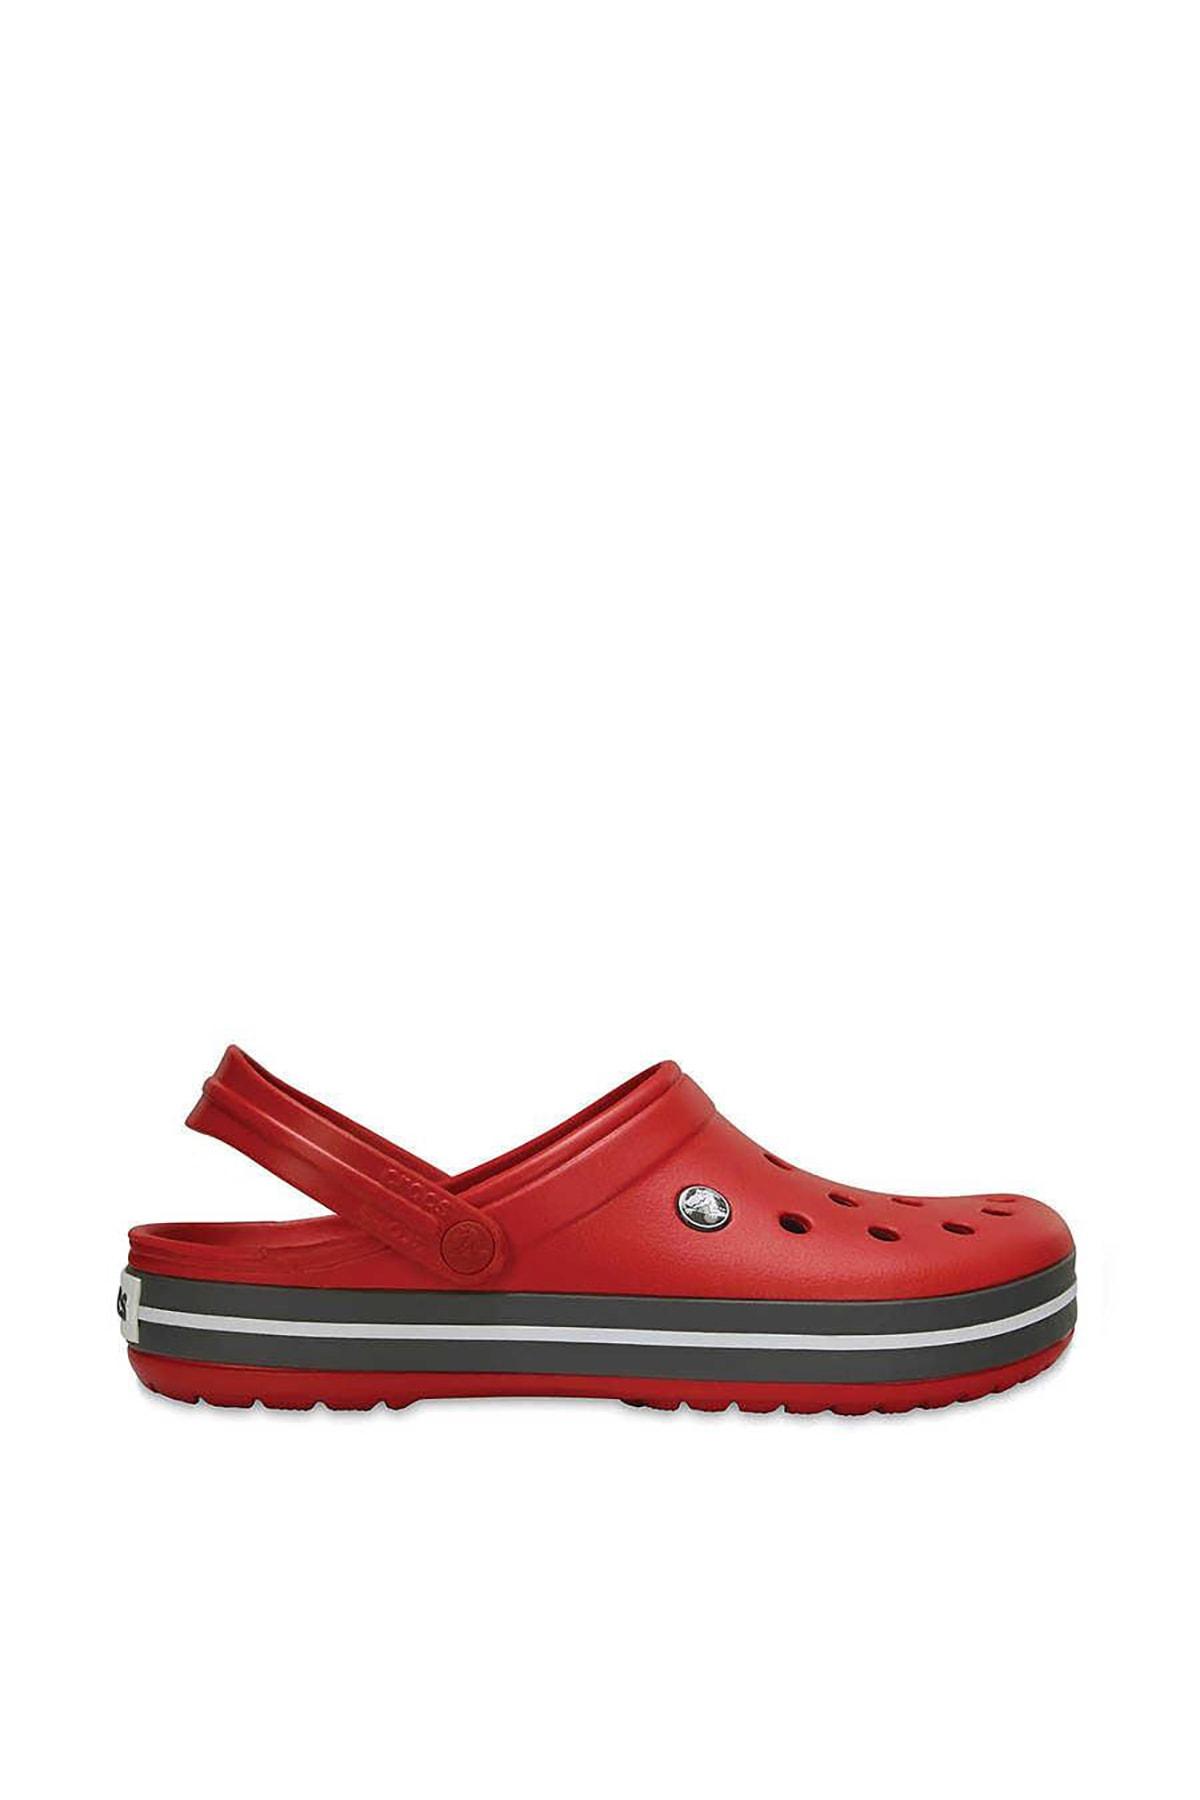 Crocs Crocband Unisex Kırmızı Terlik 1